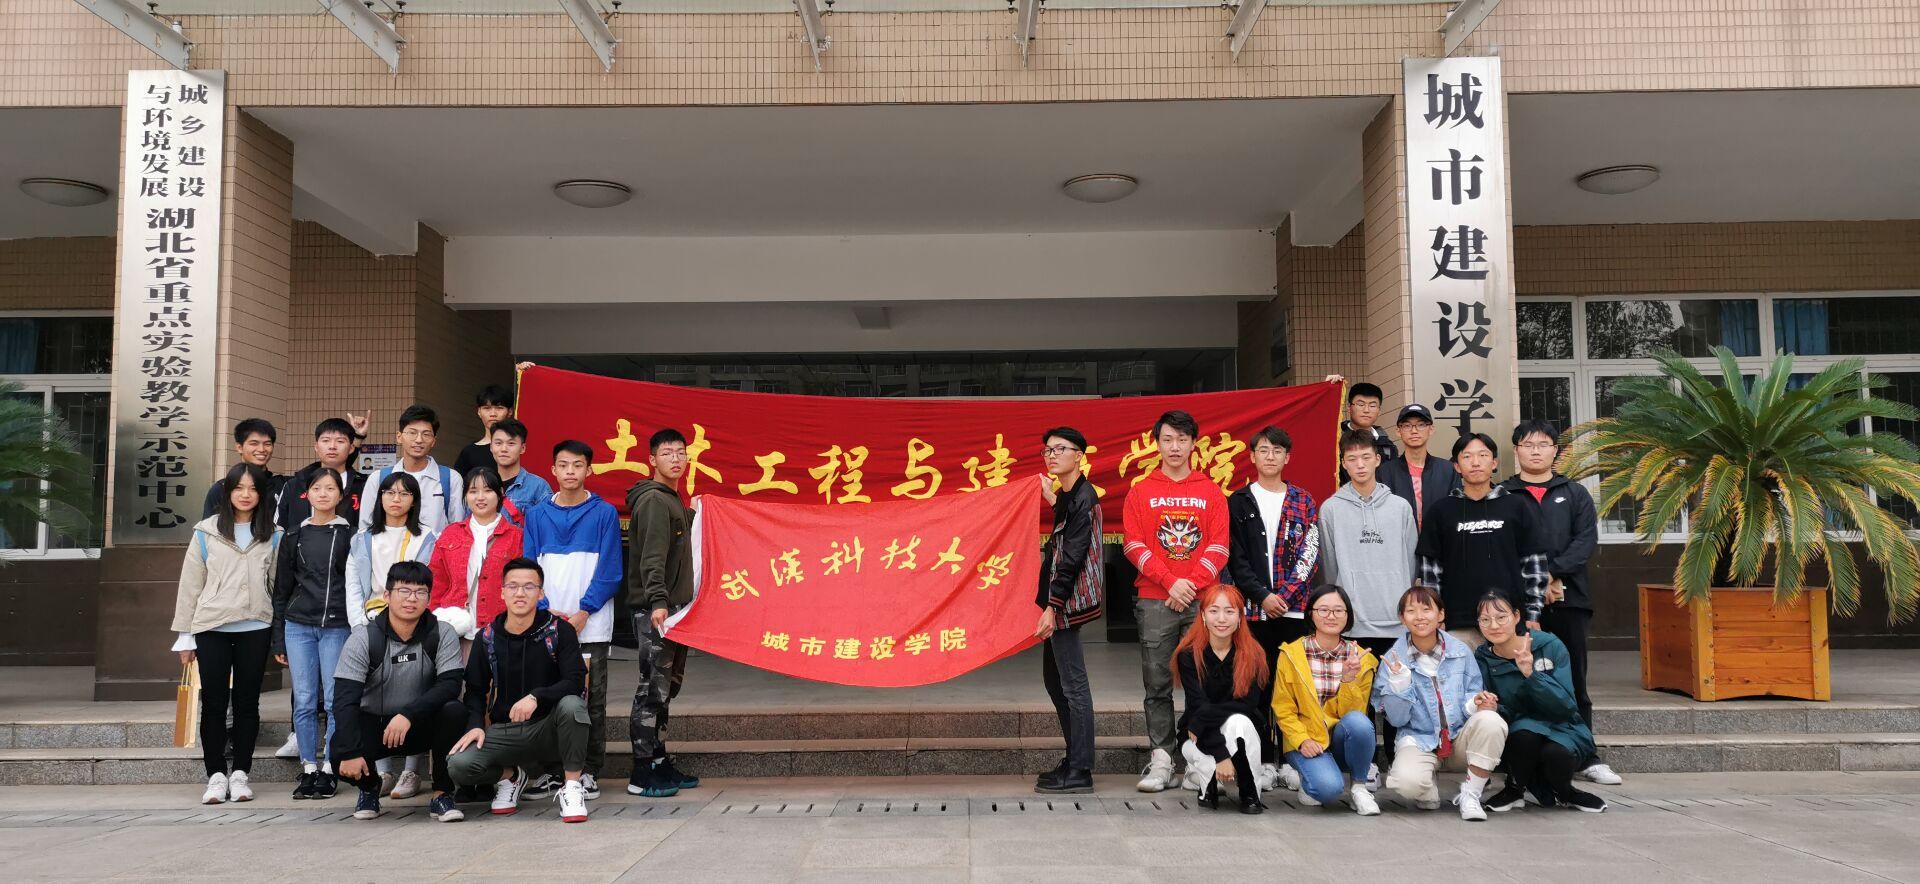 武汉科技大学城建学院与武汉理工大学土建学院学生会交流会议顺利举行